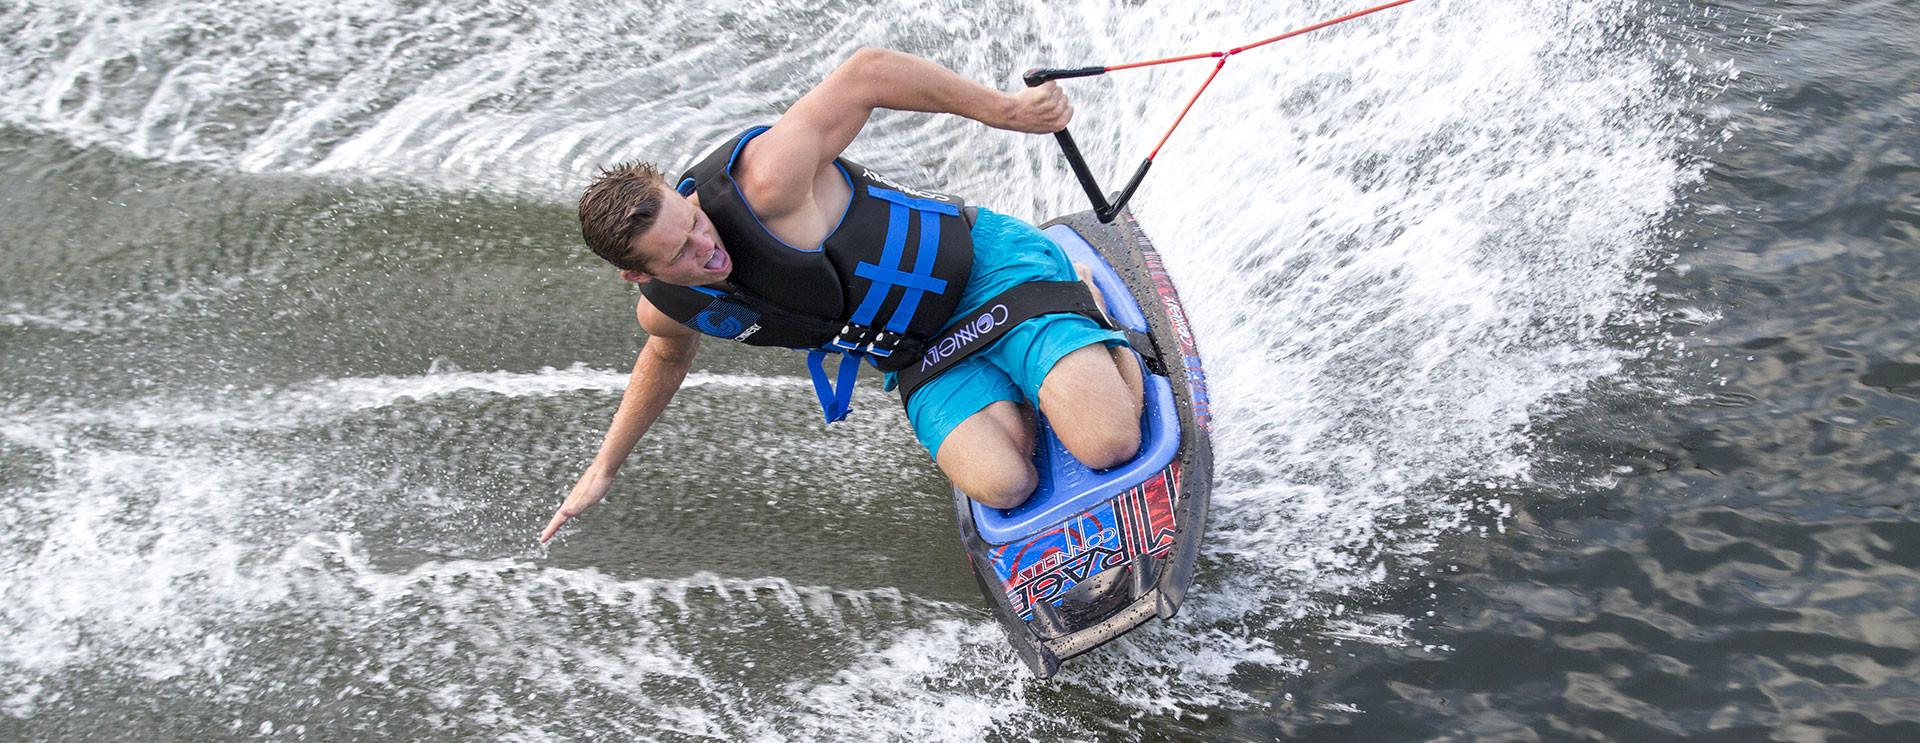 Aquaski Water Ski Tow Harness New Featured Onsale